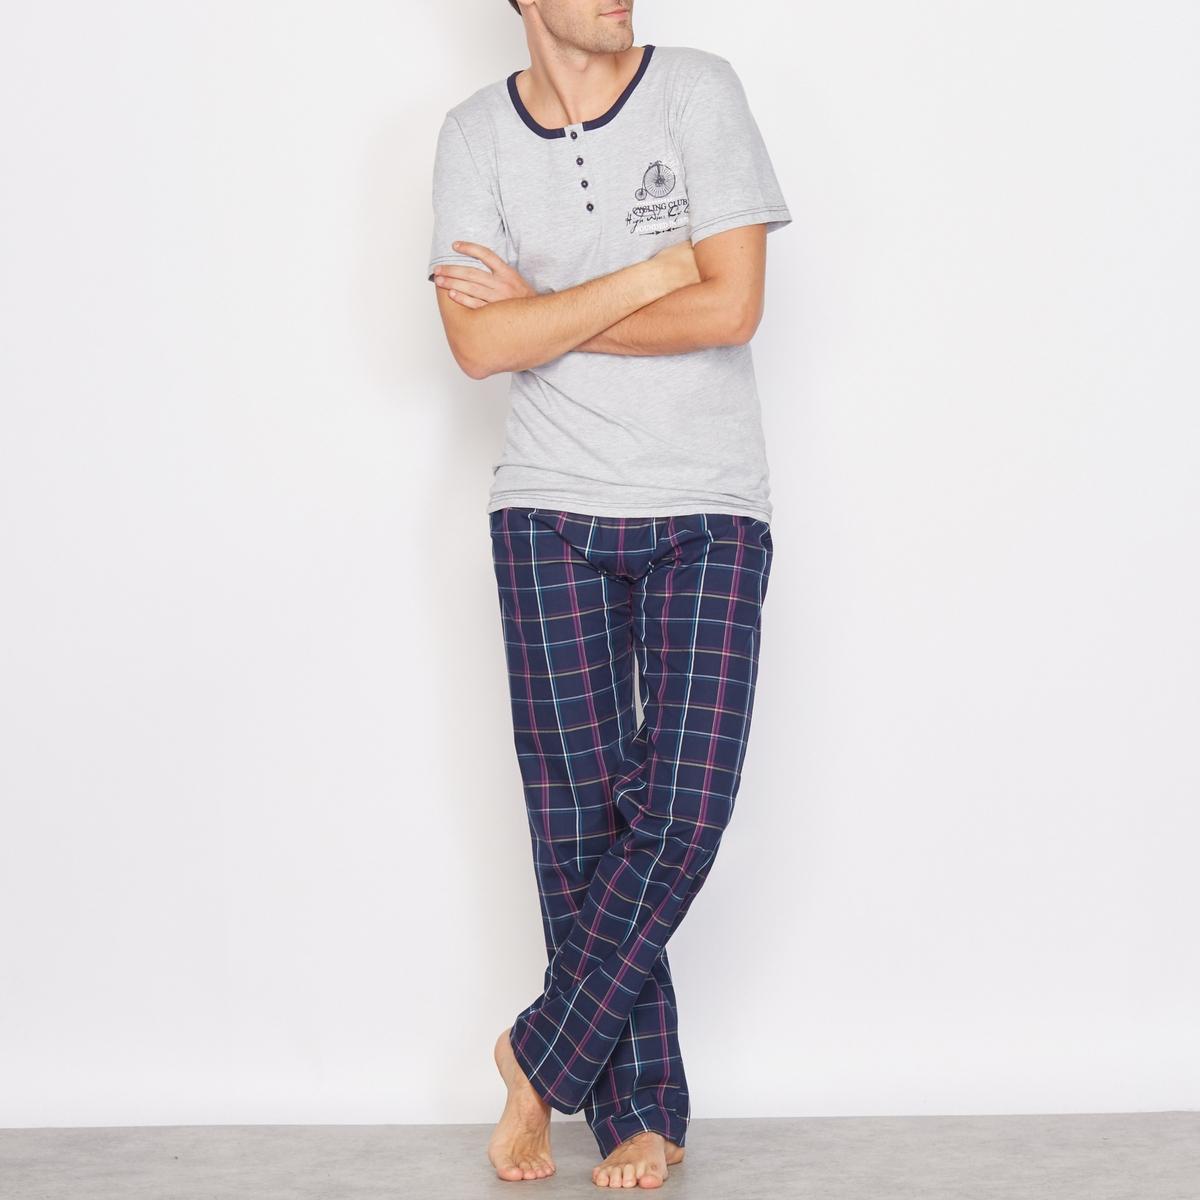 Пижама из двух материаловПижама . Современная и комфортная пижама с очень удачным сочетанием материалов . Футболка из джерси 90% хлопка, 10% полиэстера : короткие рукава, тунисский вырез с 4 пуговицами, принт на груди . Брюки из ткани в клетку 100% хлопка  : эластичный пояс, 2 боковых кармана .<br><br>Цвет: серый меланж<br>Размер: XL